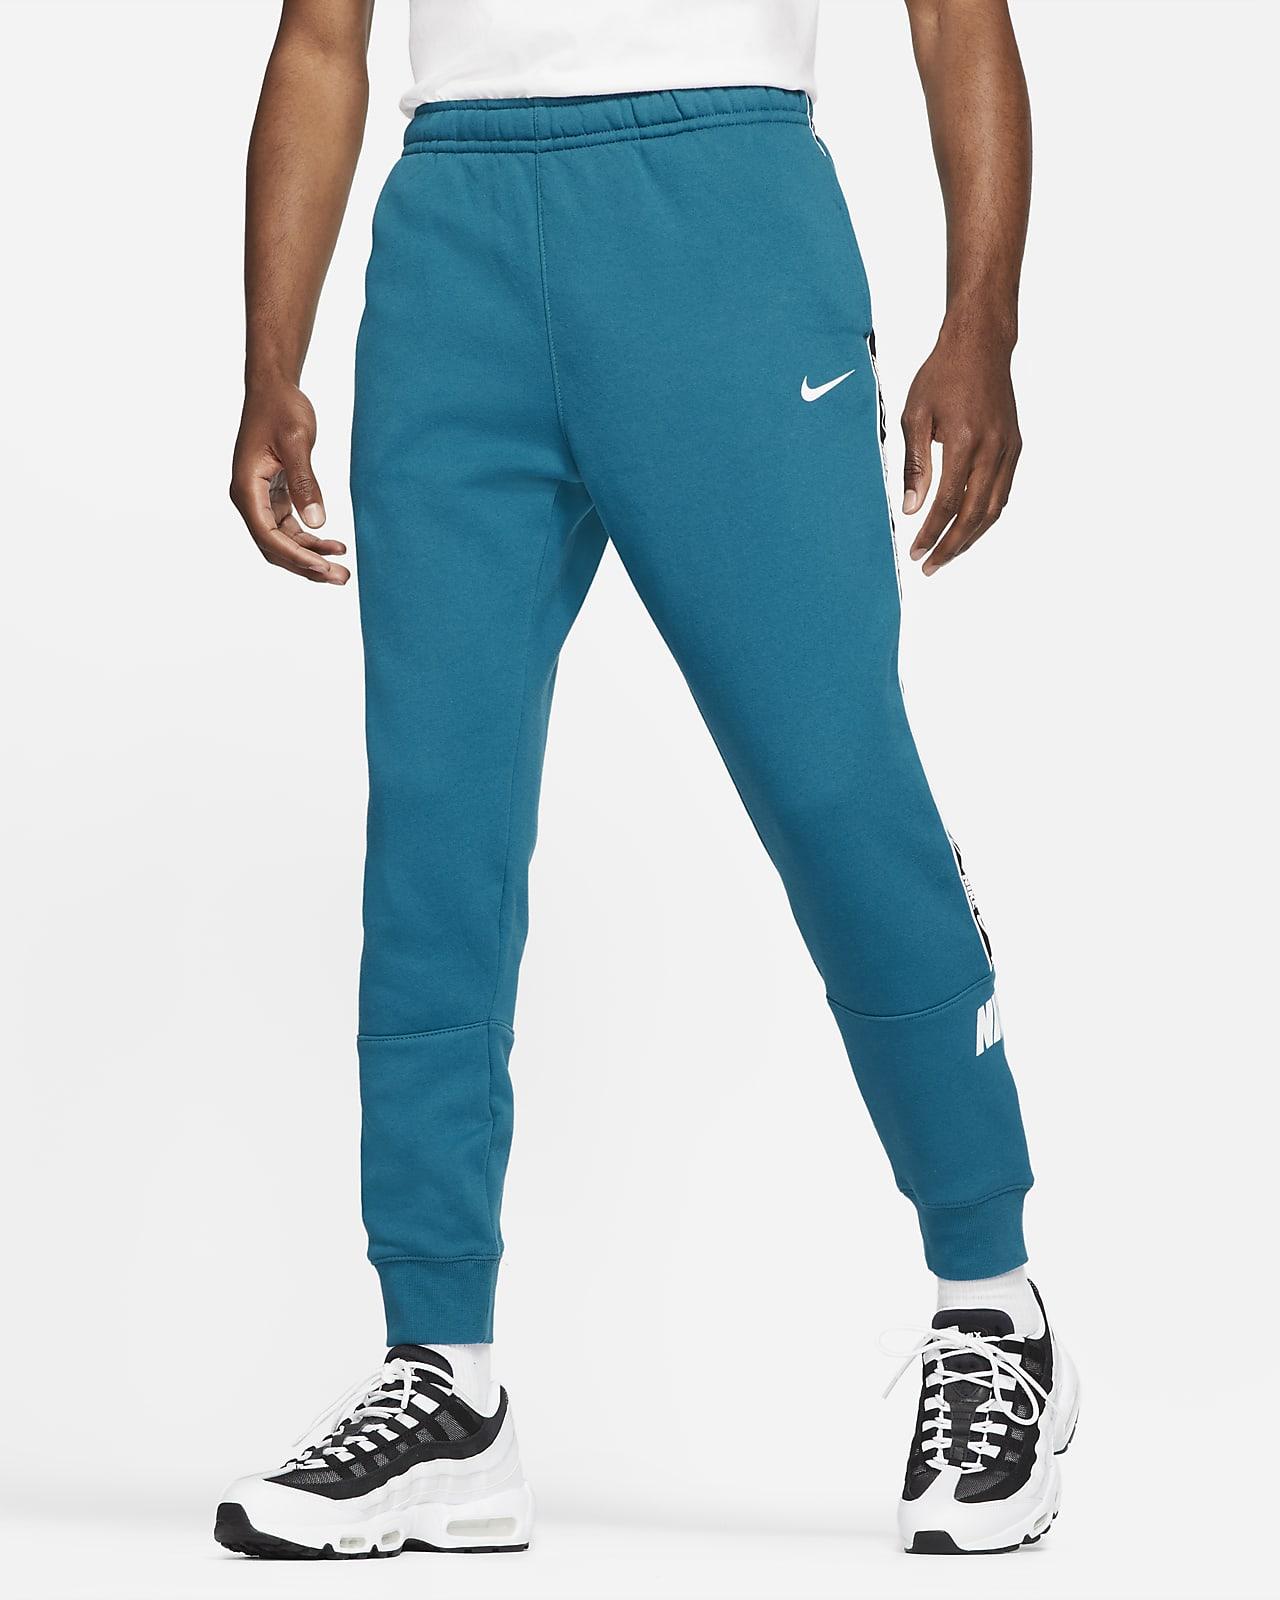 Nike Sportswear fleecejoggebukse til herre